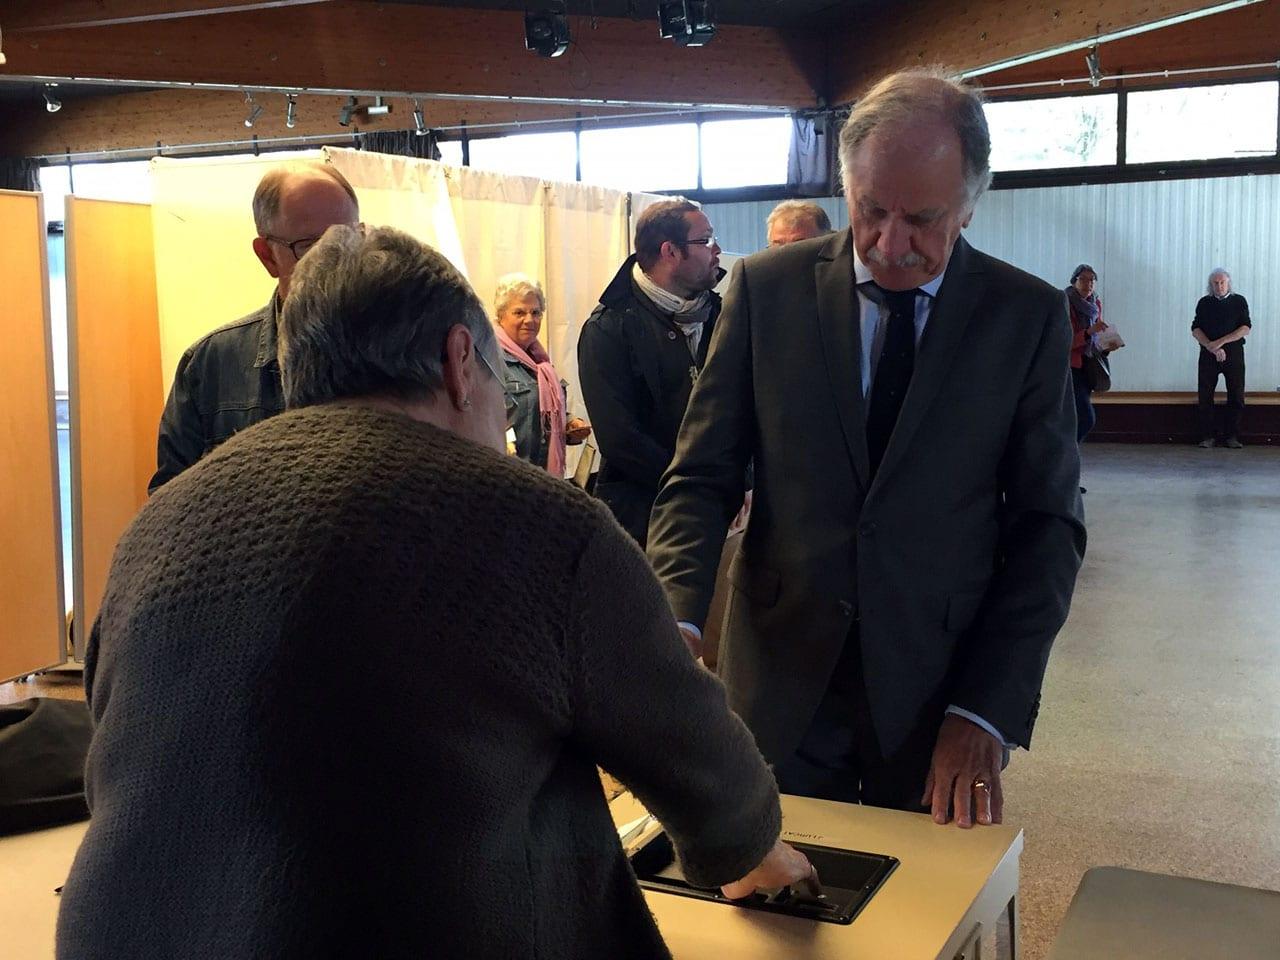 Heure ouverture bureau de vote bordeaux bordeaux u wikipédia